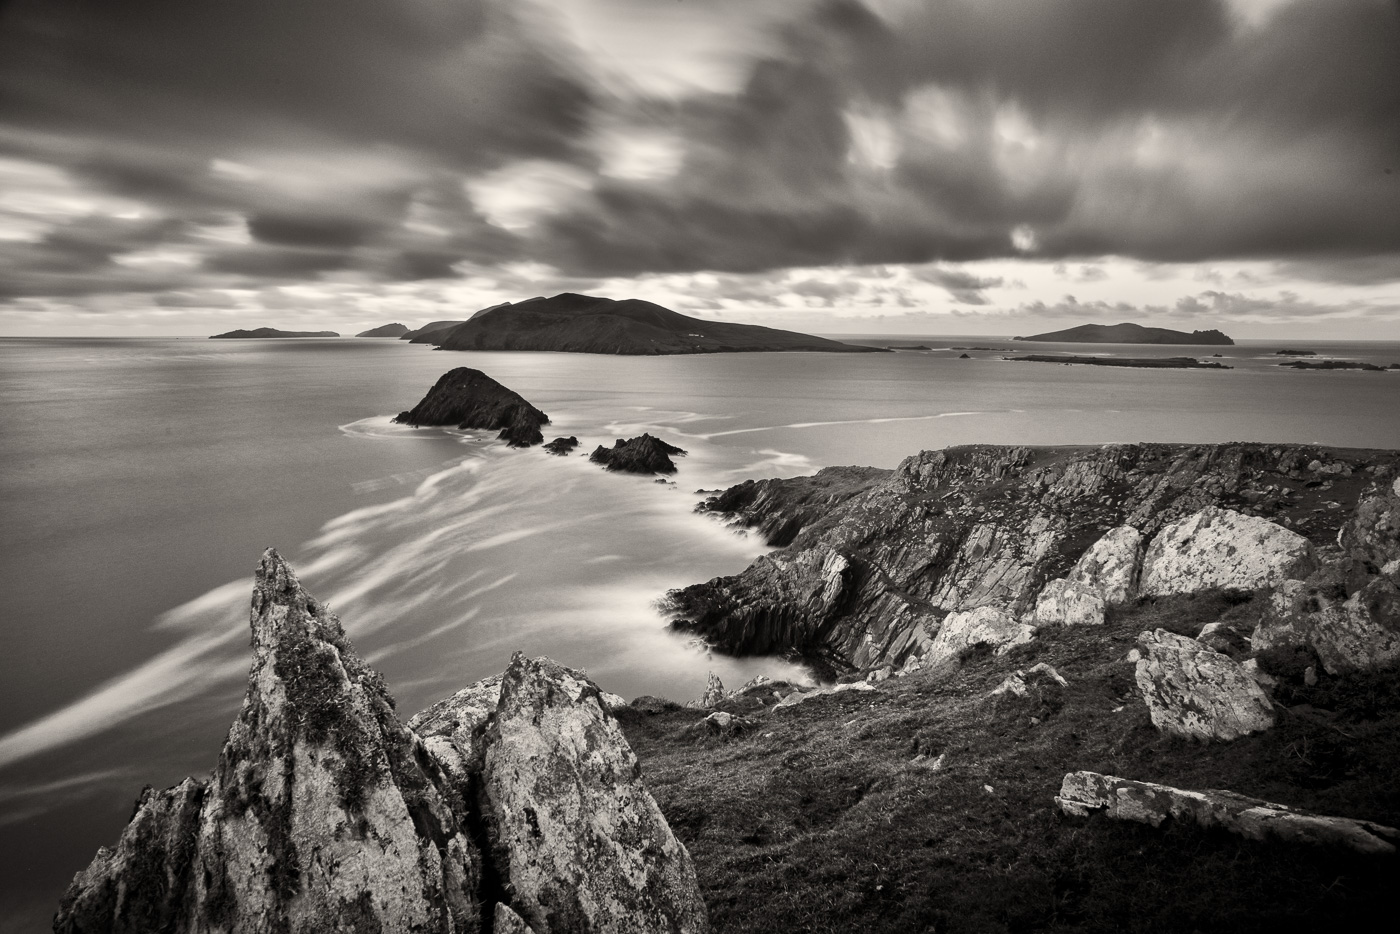 dingle ireland black and white